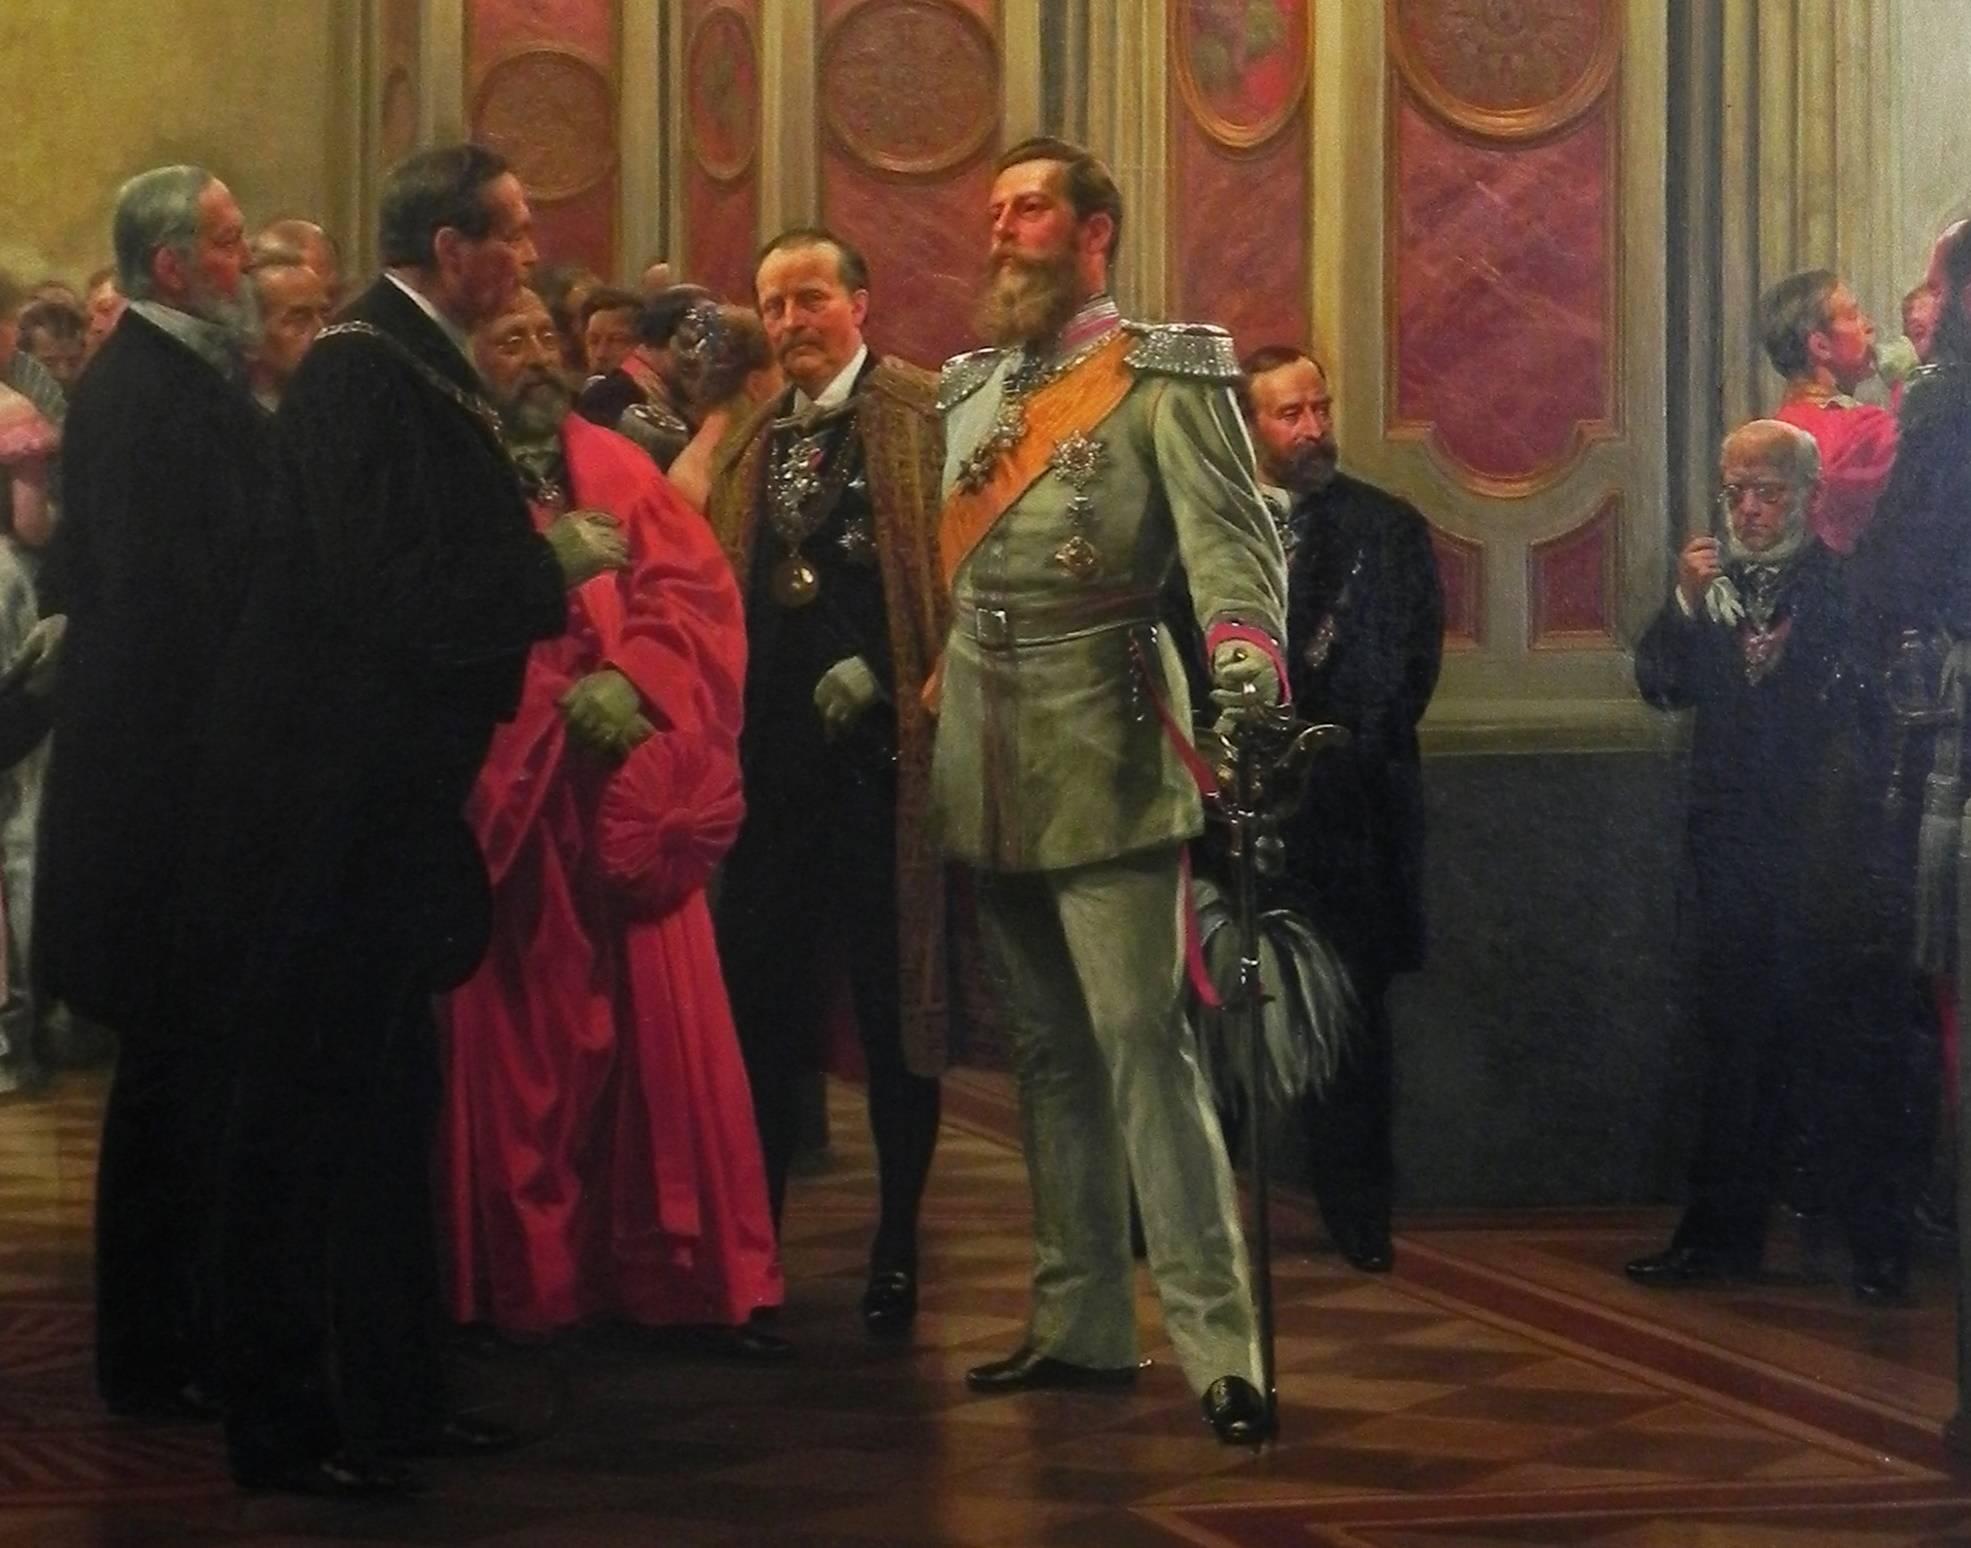 Palenie stało się przyczyną śmierci niemieckiego cesarza Fryderyka III.